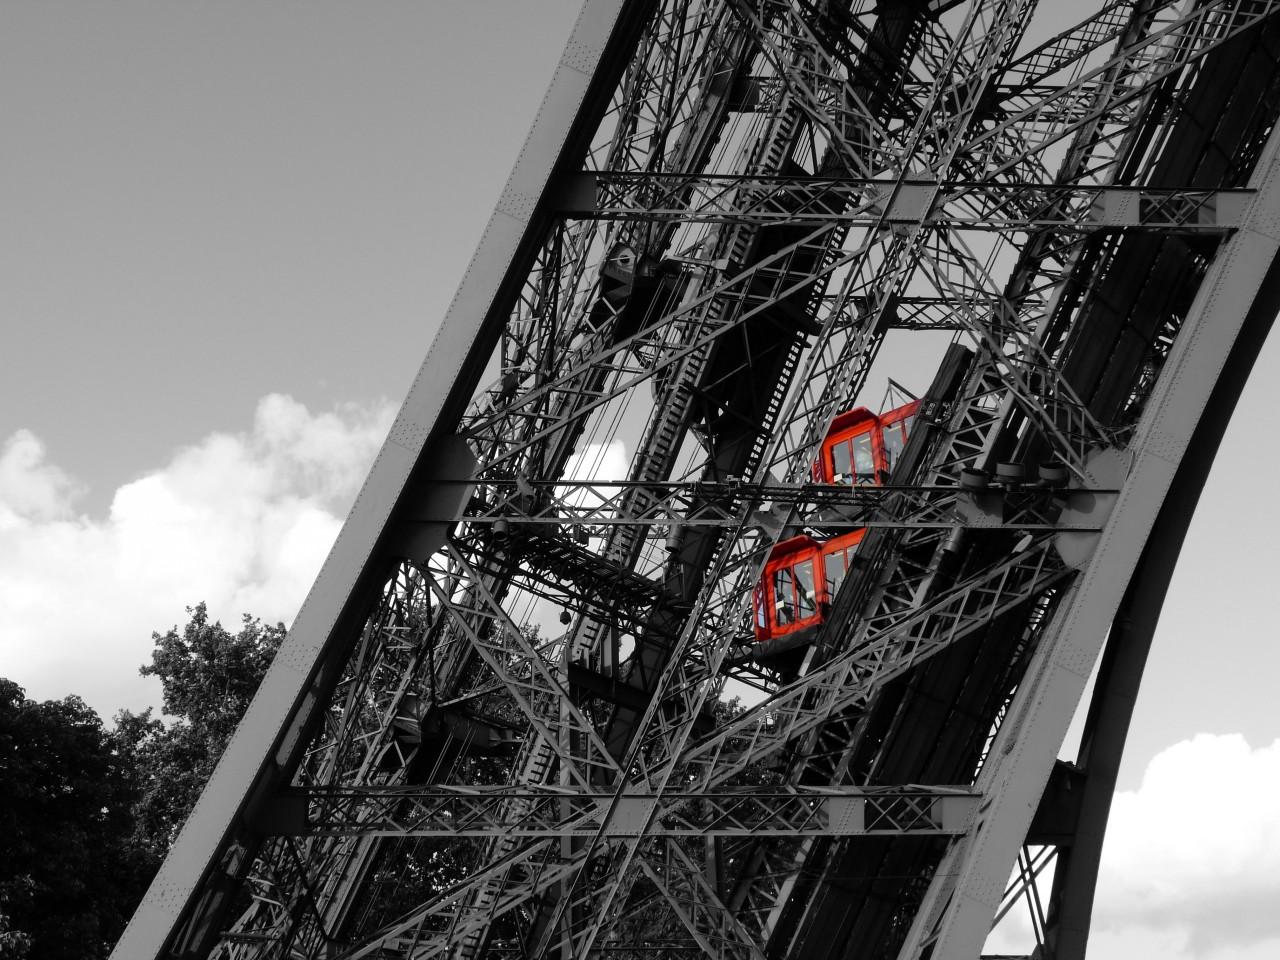 Ascenceur de la Tour Eiffel